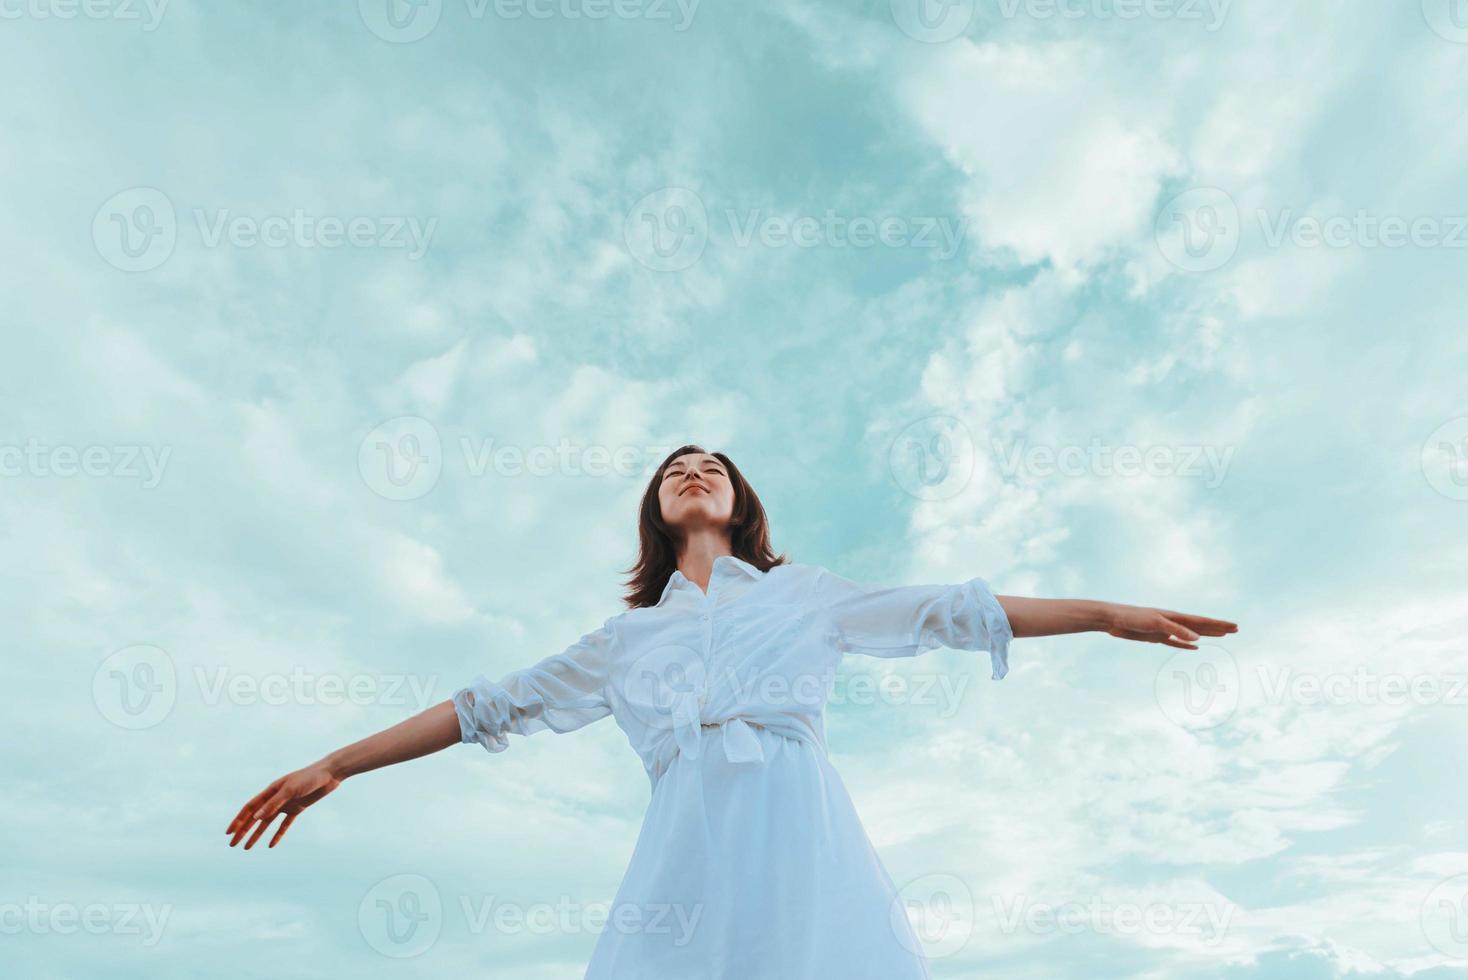 jeune femme aux bras levés bénéficiant d'une belle journée photo